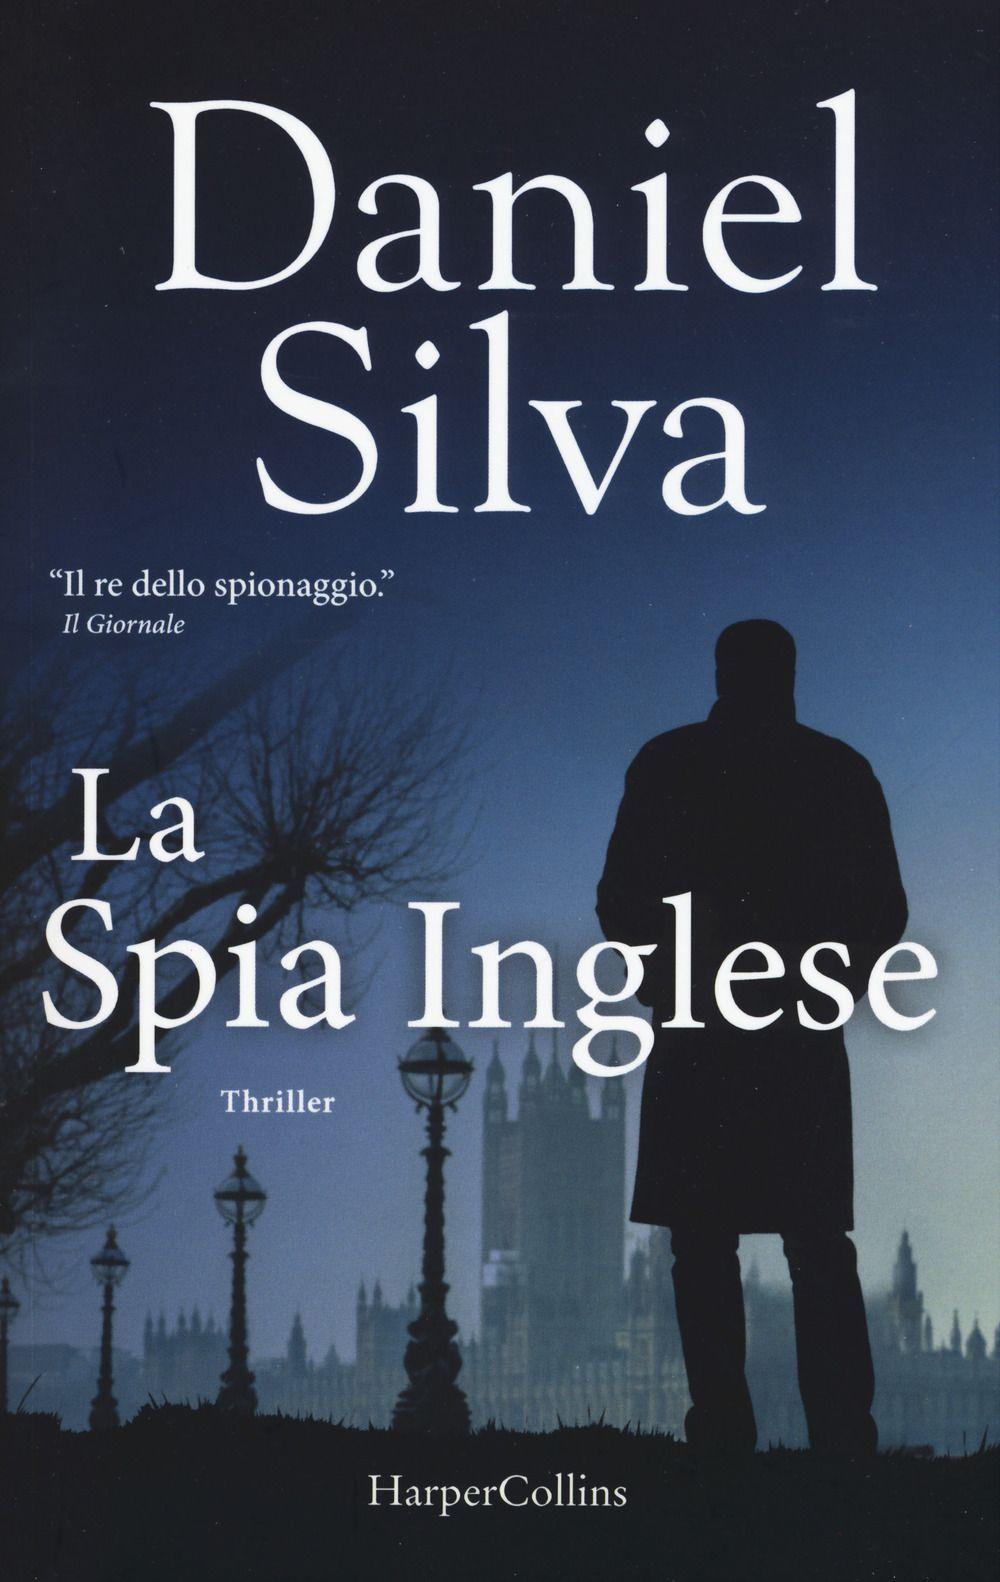 Libro La spia inglese di Daniel Silva Book release